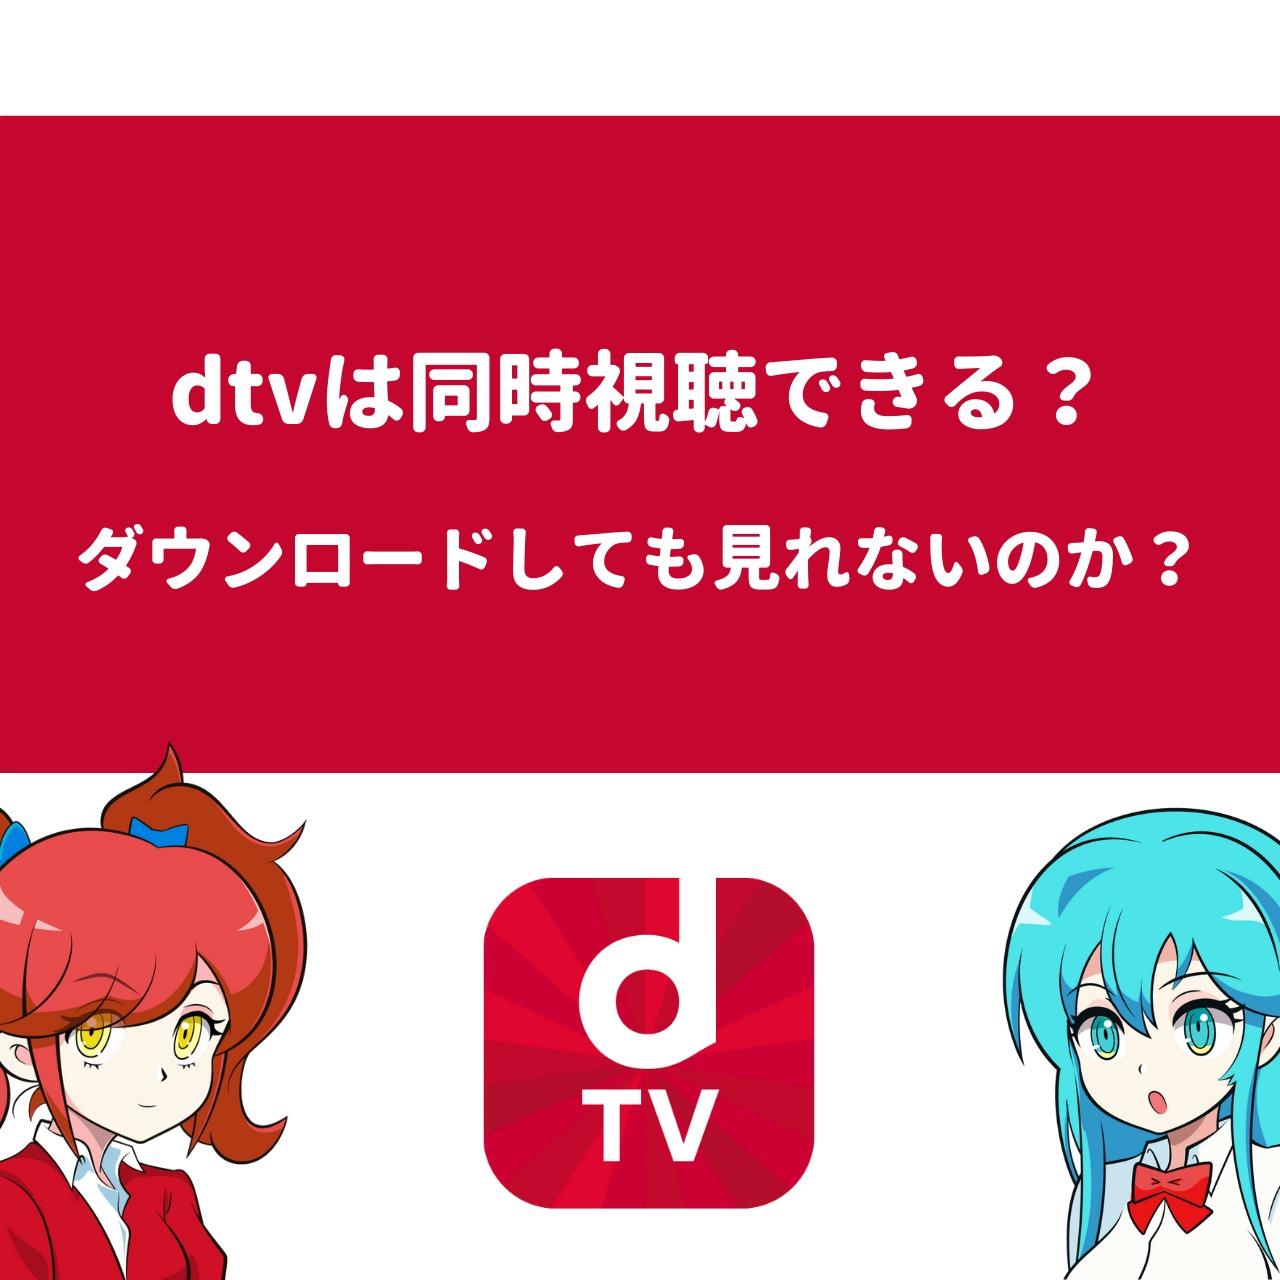 dtvは同時視聴できる?ダウンロードしても見れないのか徹底調査